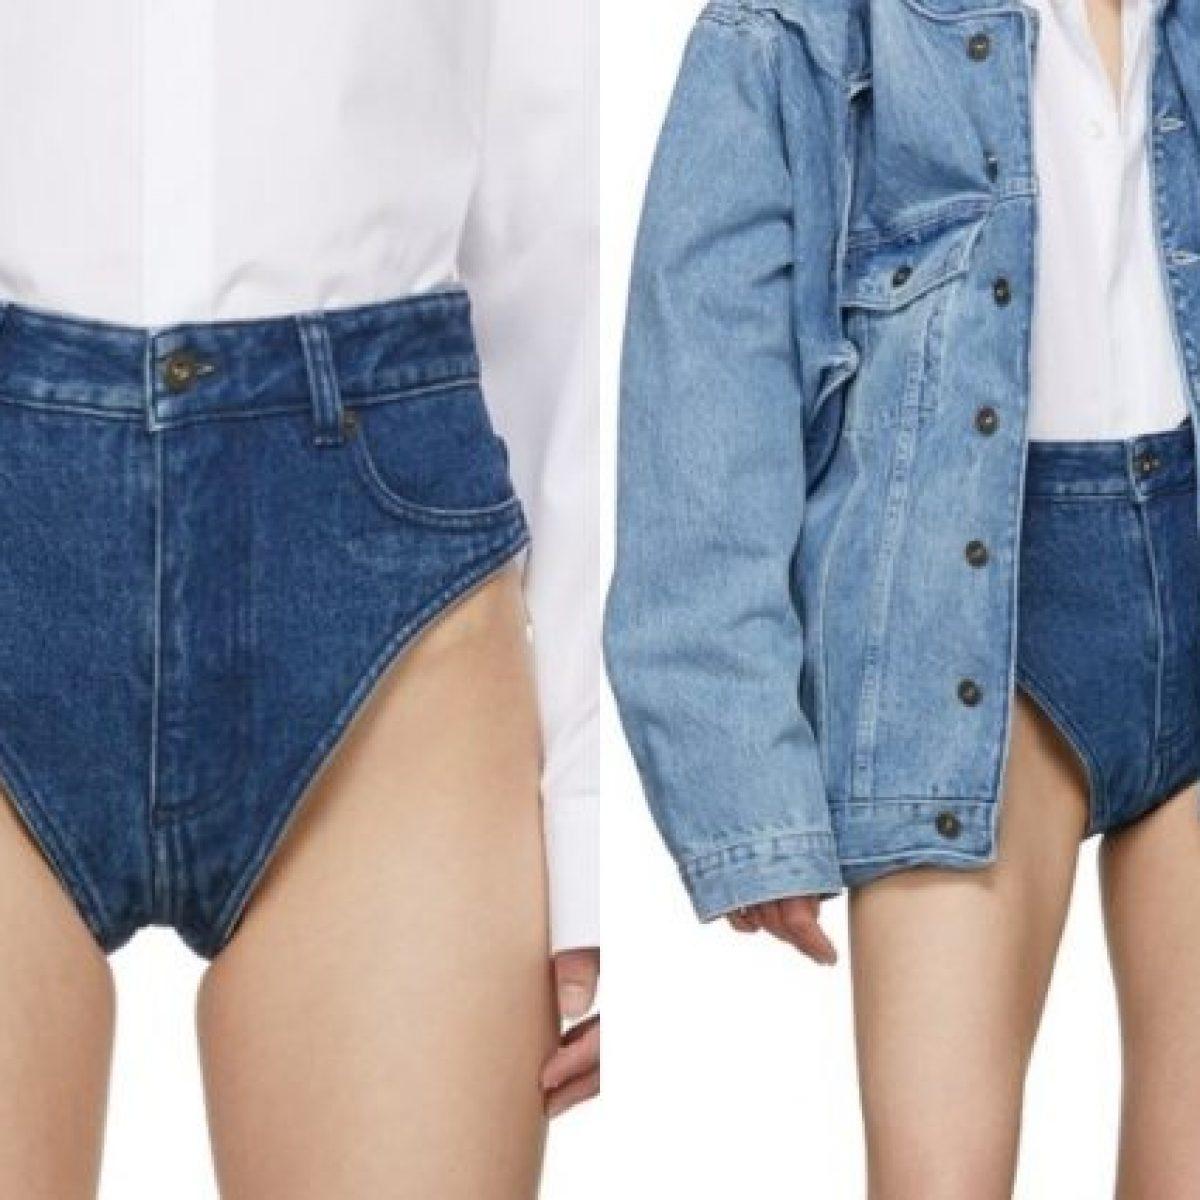 Arrivano Le Mutande Di Jeans Che Costano Quasi 300 Euro Chi Ha Il